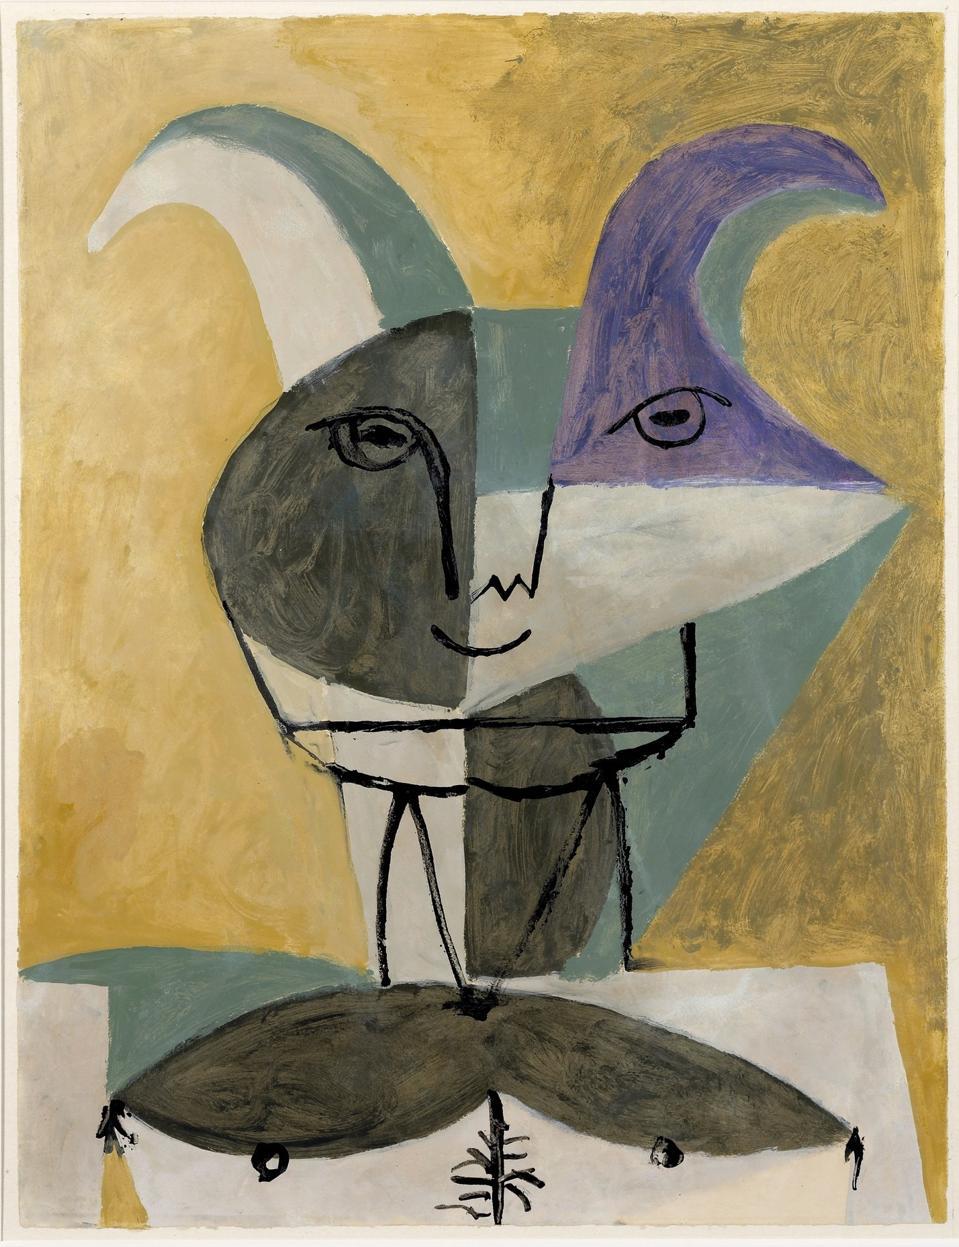 Pablo Picasso, 'Buste de faune,' 6 Septembre 1946. MPA 1946.2.4